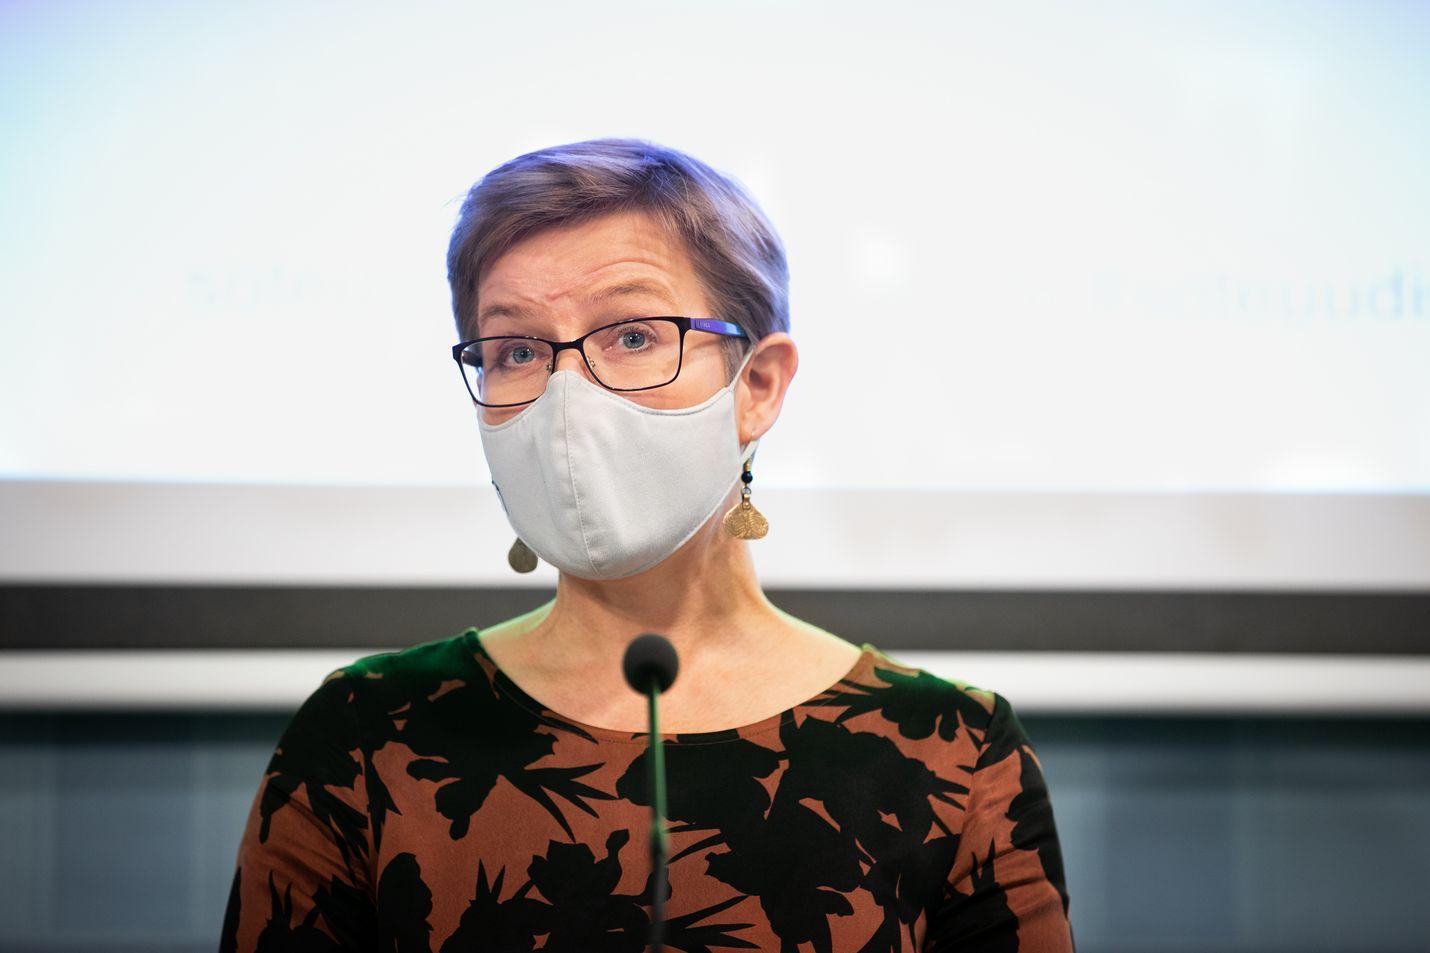 Ympäristöministeri Krista Mikkonen (vihr.) kertoo, että kansalaiset otetaan monella tapaa mukaan ilmastostrategian valmisteluun.